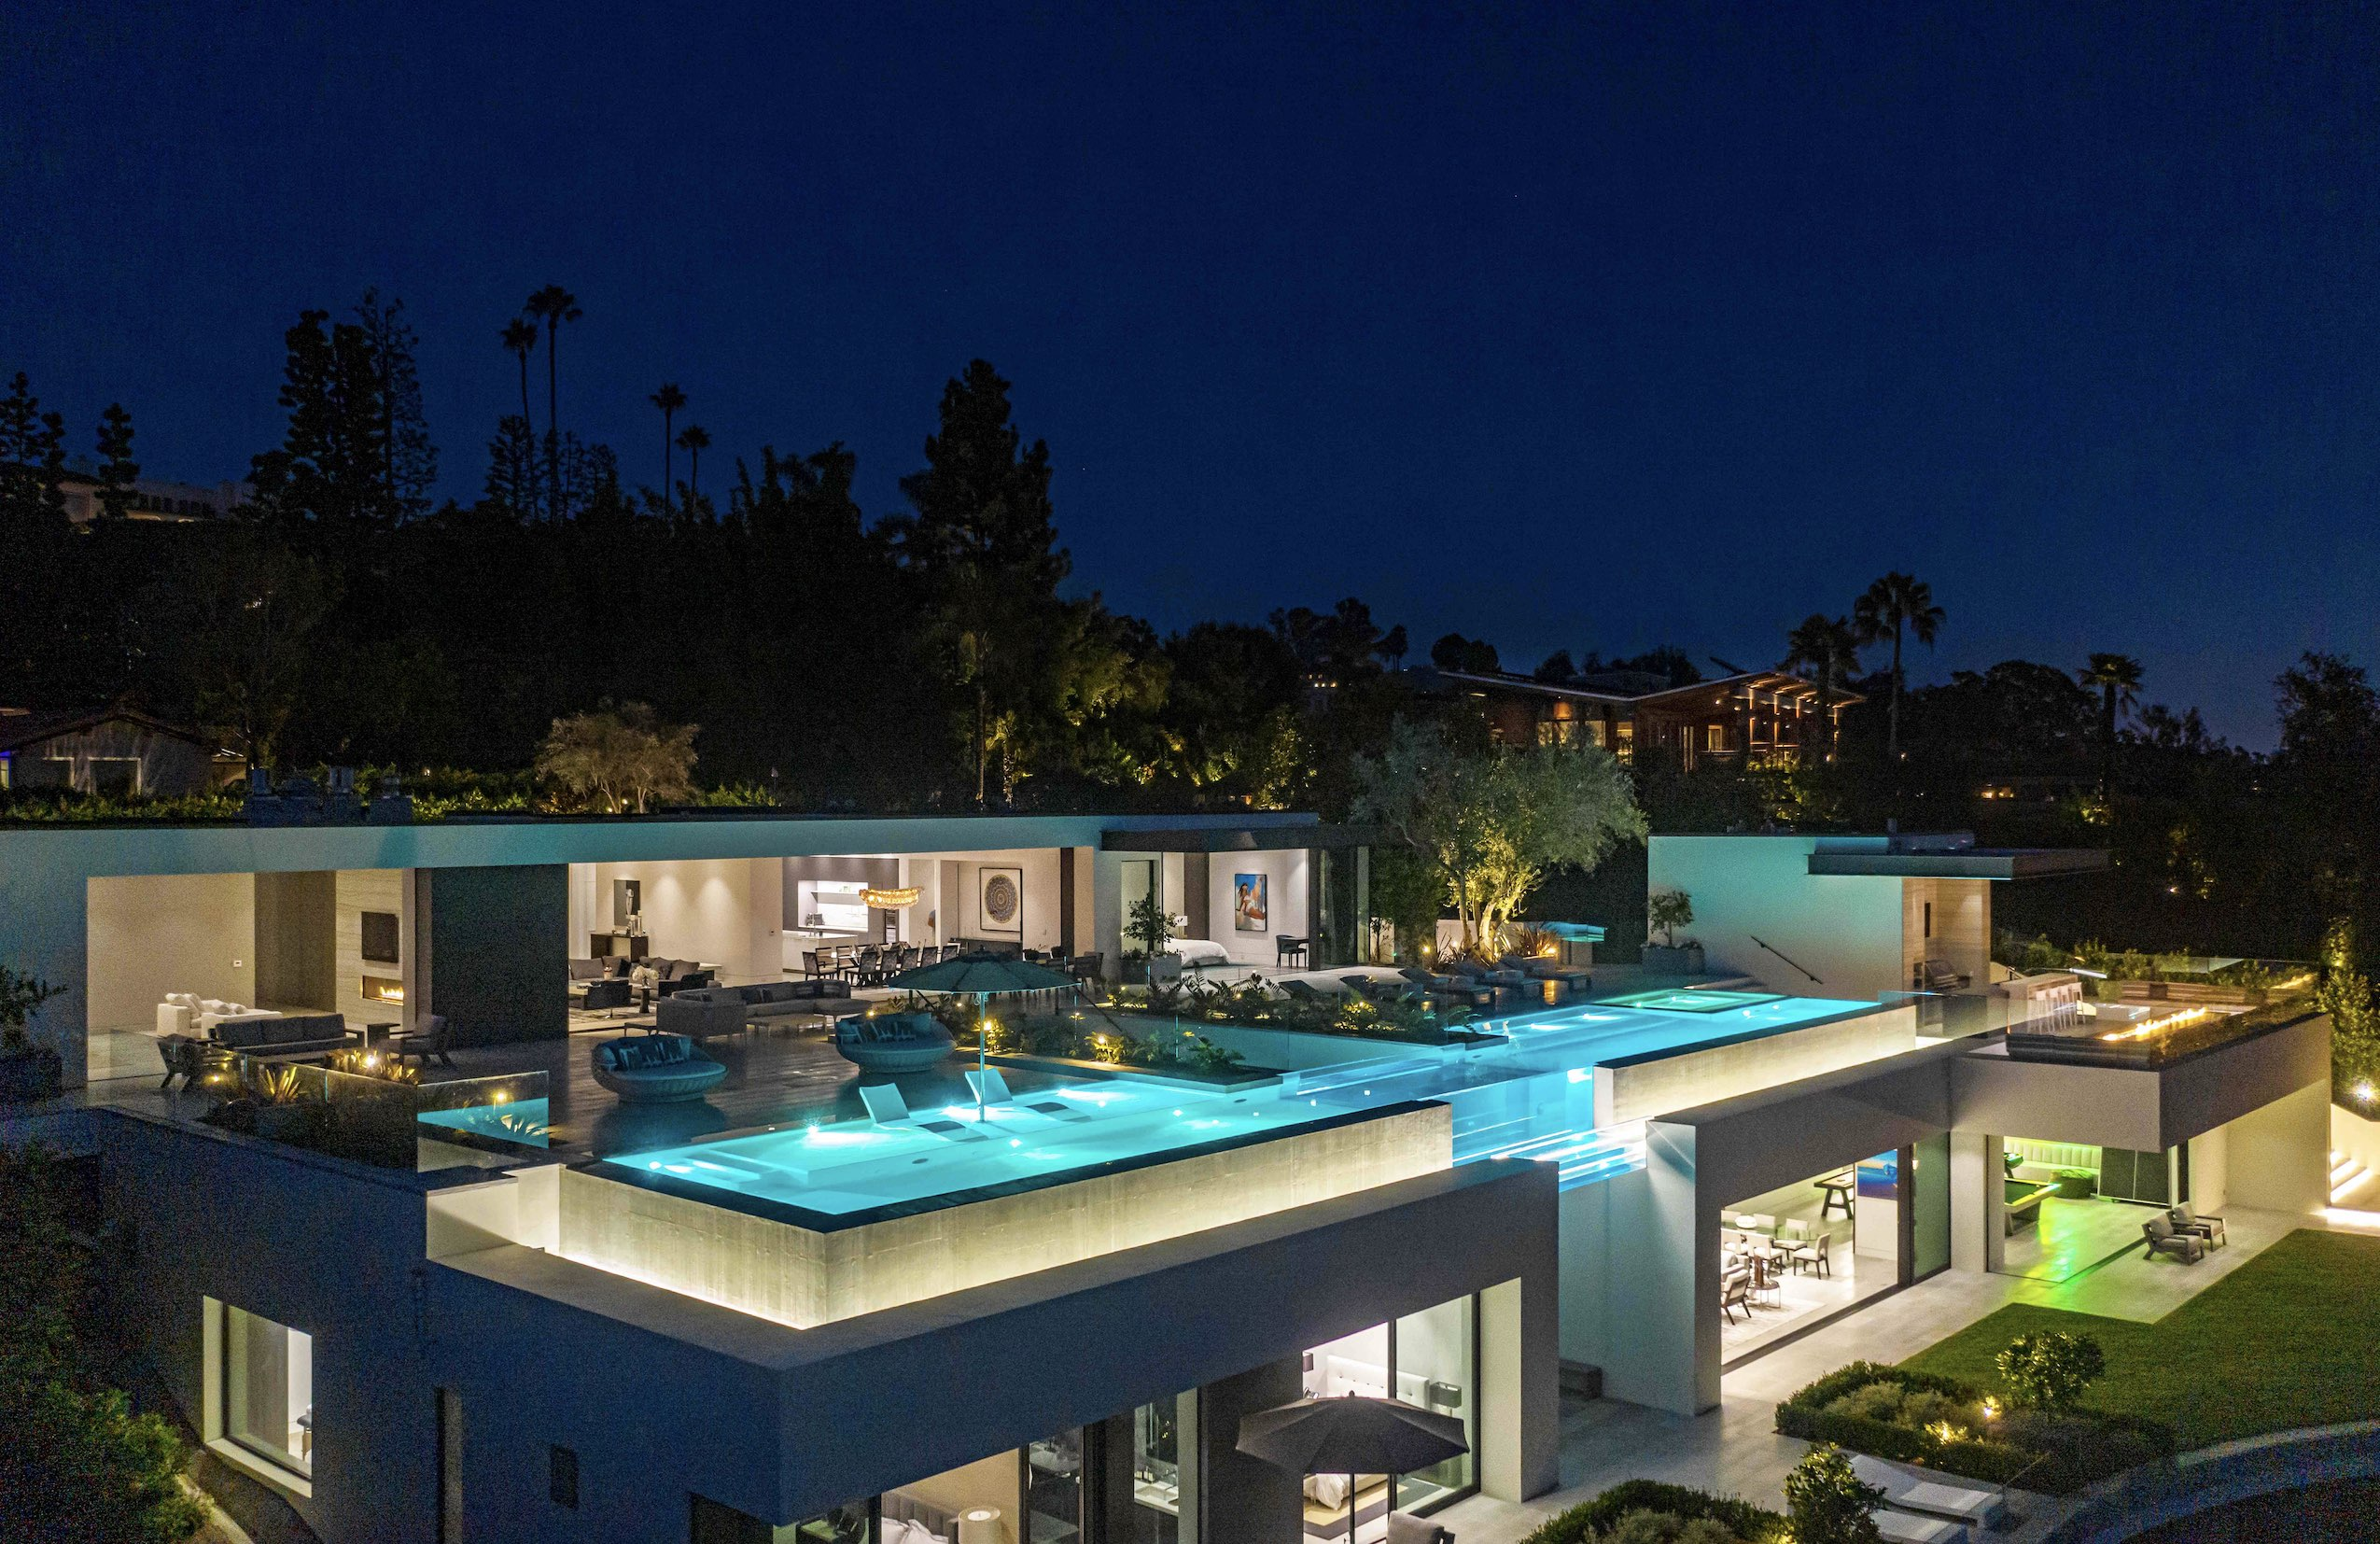 Världens största villor och de mest framgångsrika arkitekterna. Vi har en hel avdelning med exklusiva hem.